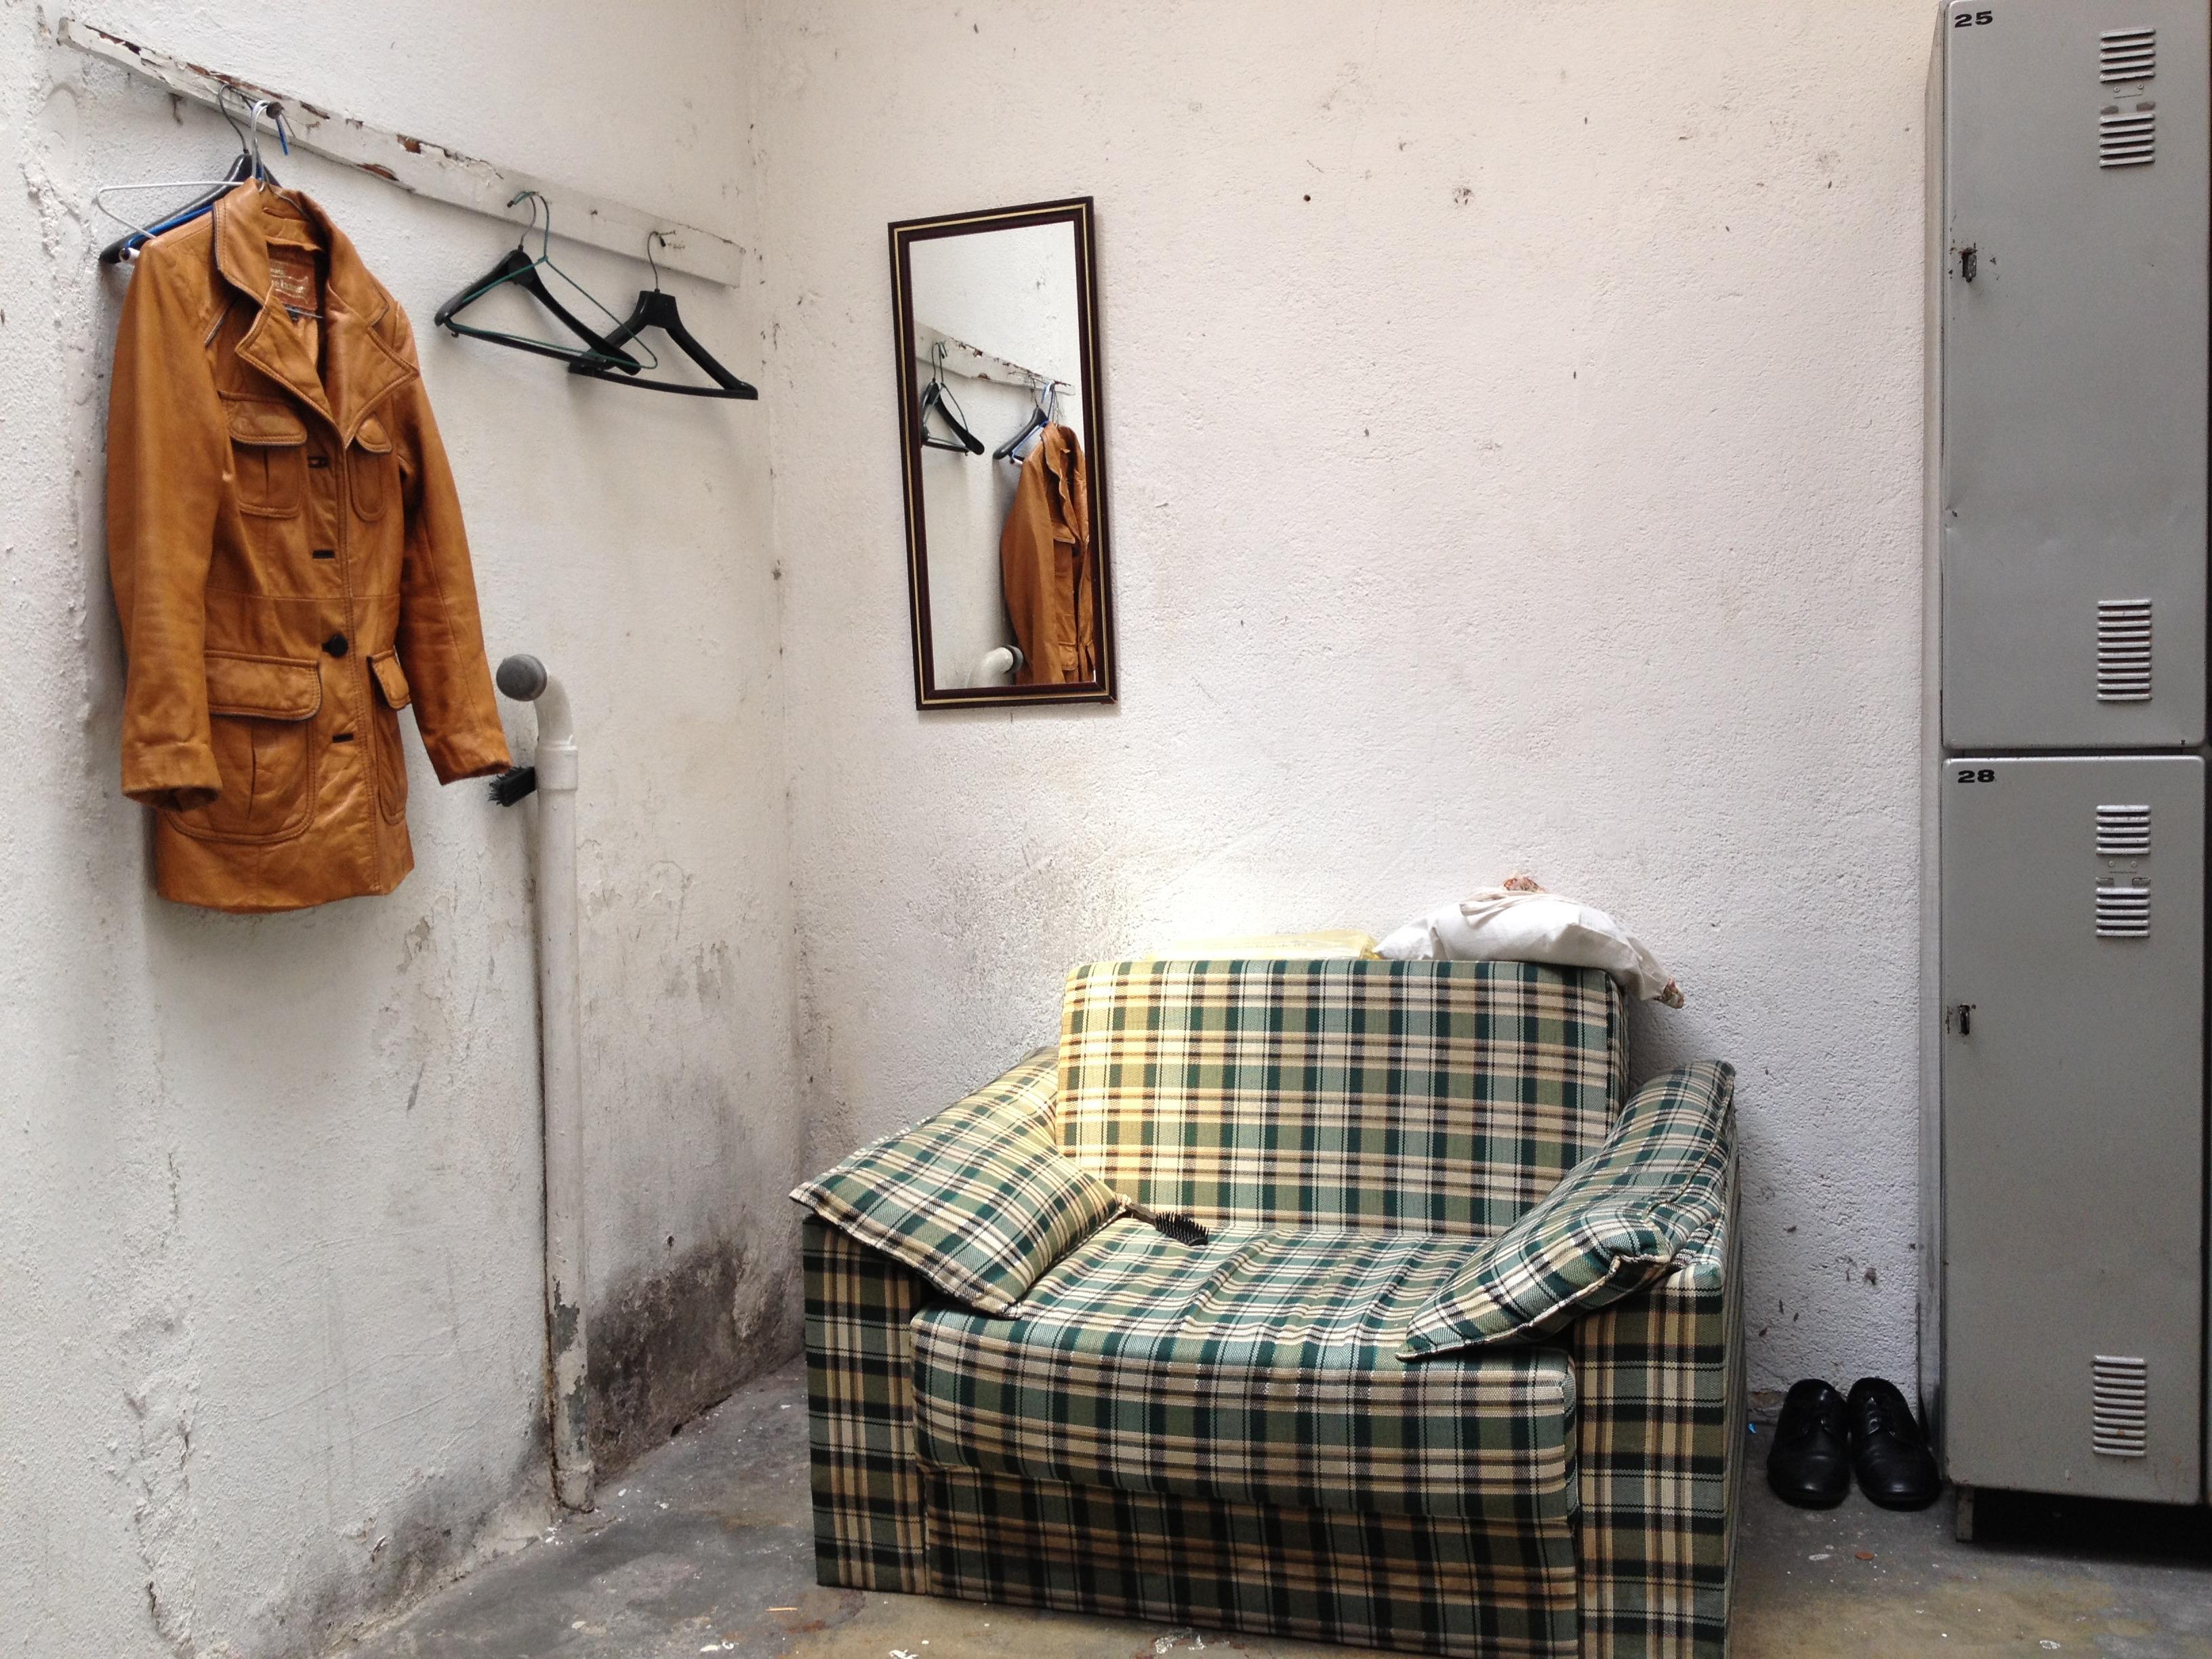 무료 이미지 : 목재, 바닥, 내부, 집, 벽, 좌석, 가구, 방, 소파 ...